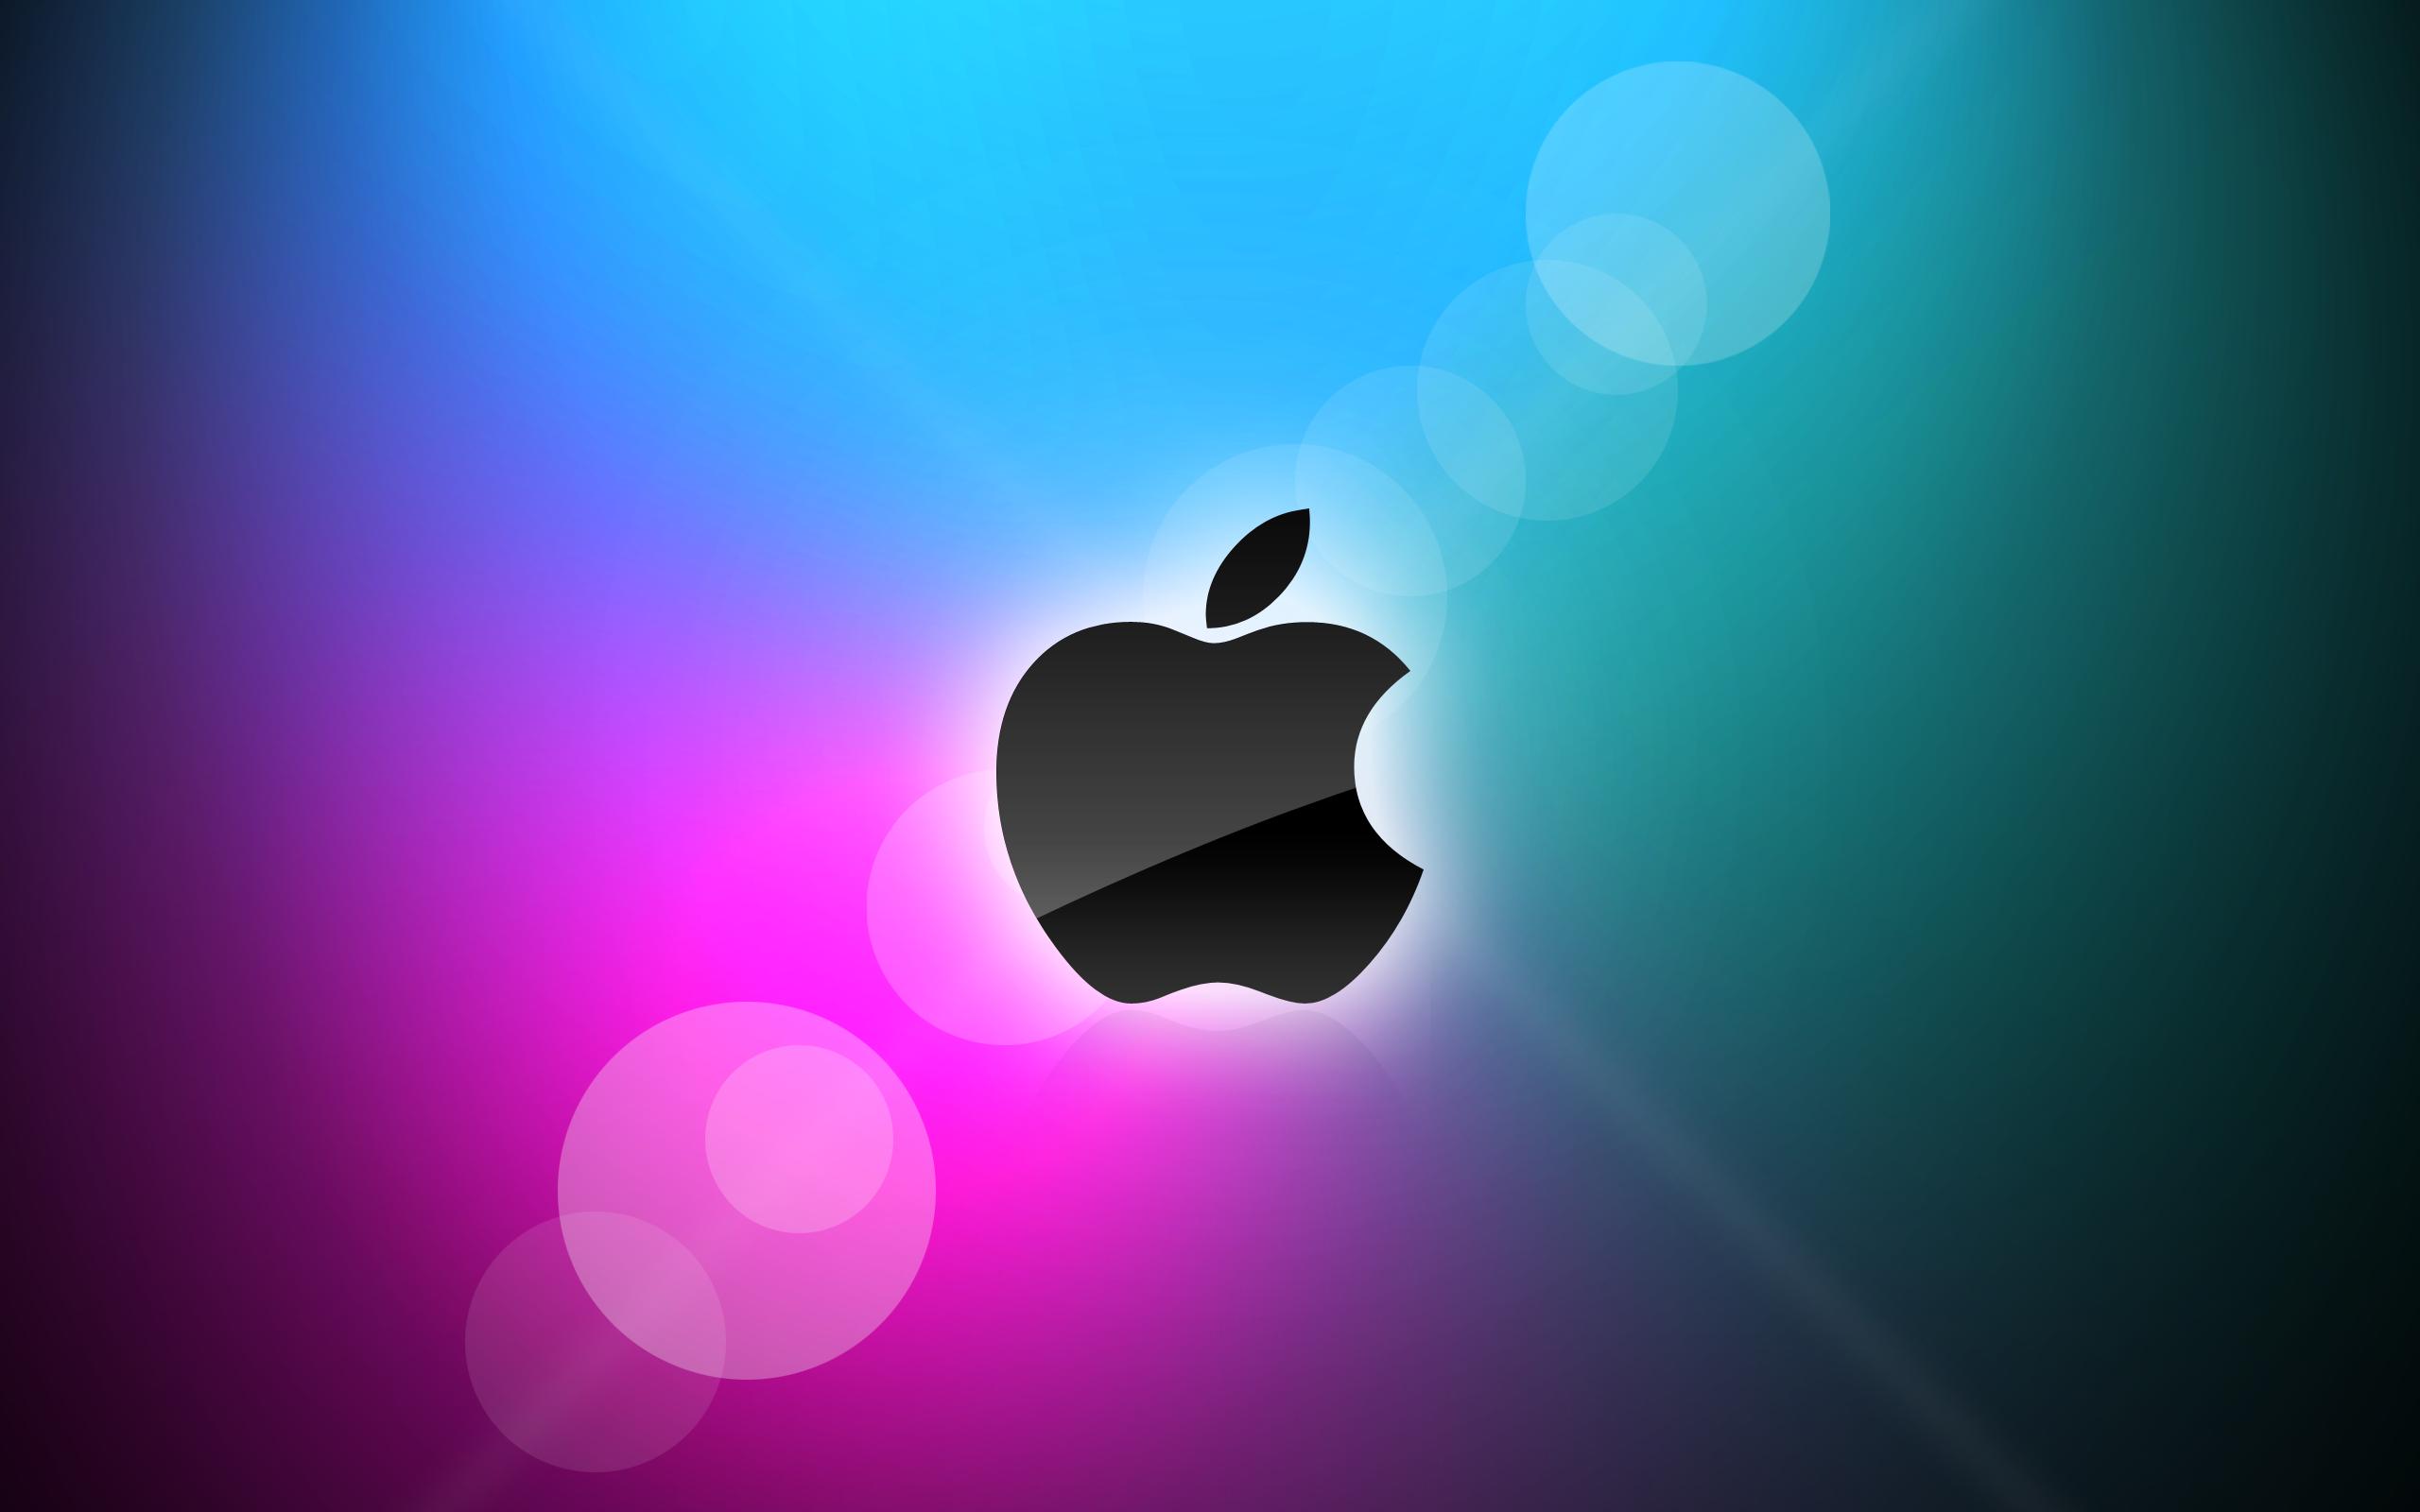 Капитализация Apple выросла на $18 млрд после новостей о возобновлении производства в Китае